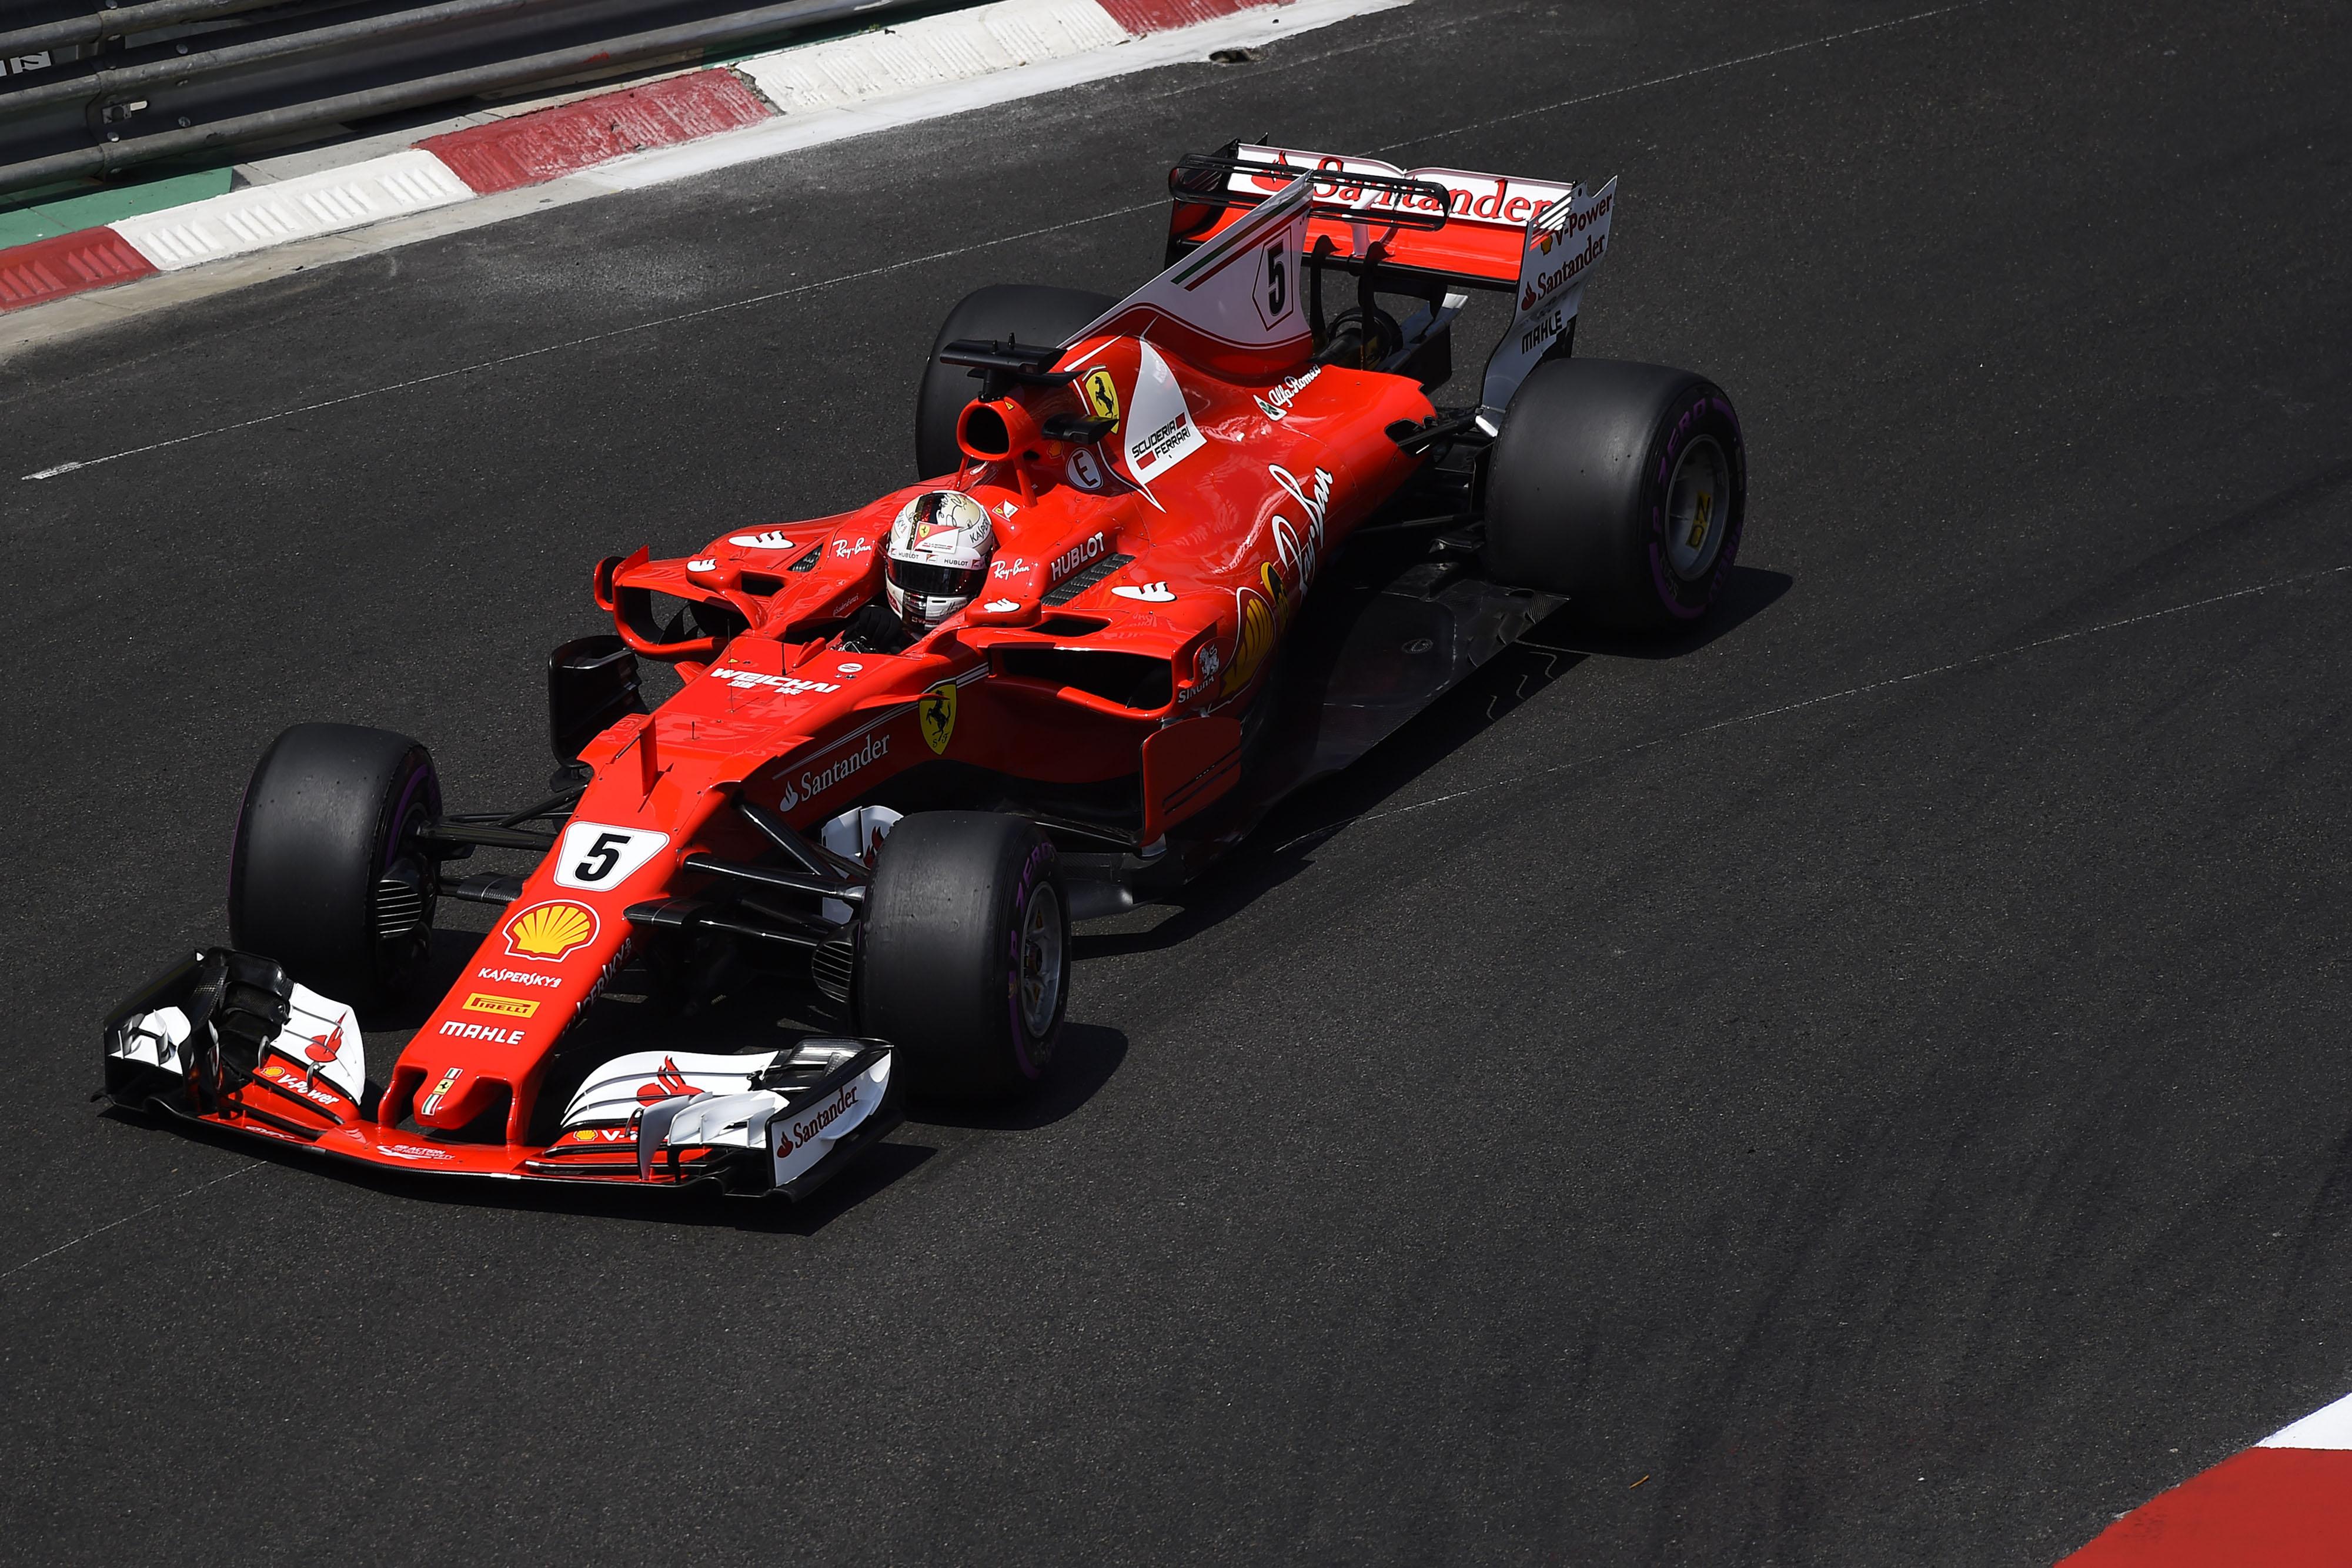 [Fórmula 1] Sebastian Vettel se adjudicó el Gran Premio de Mónaco